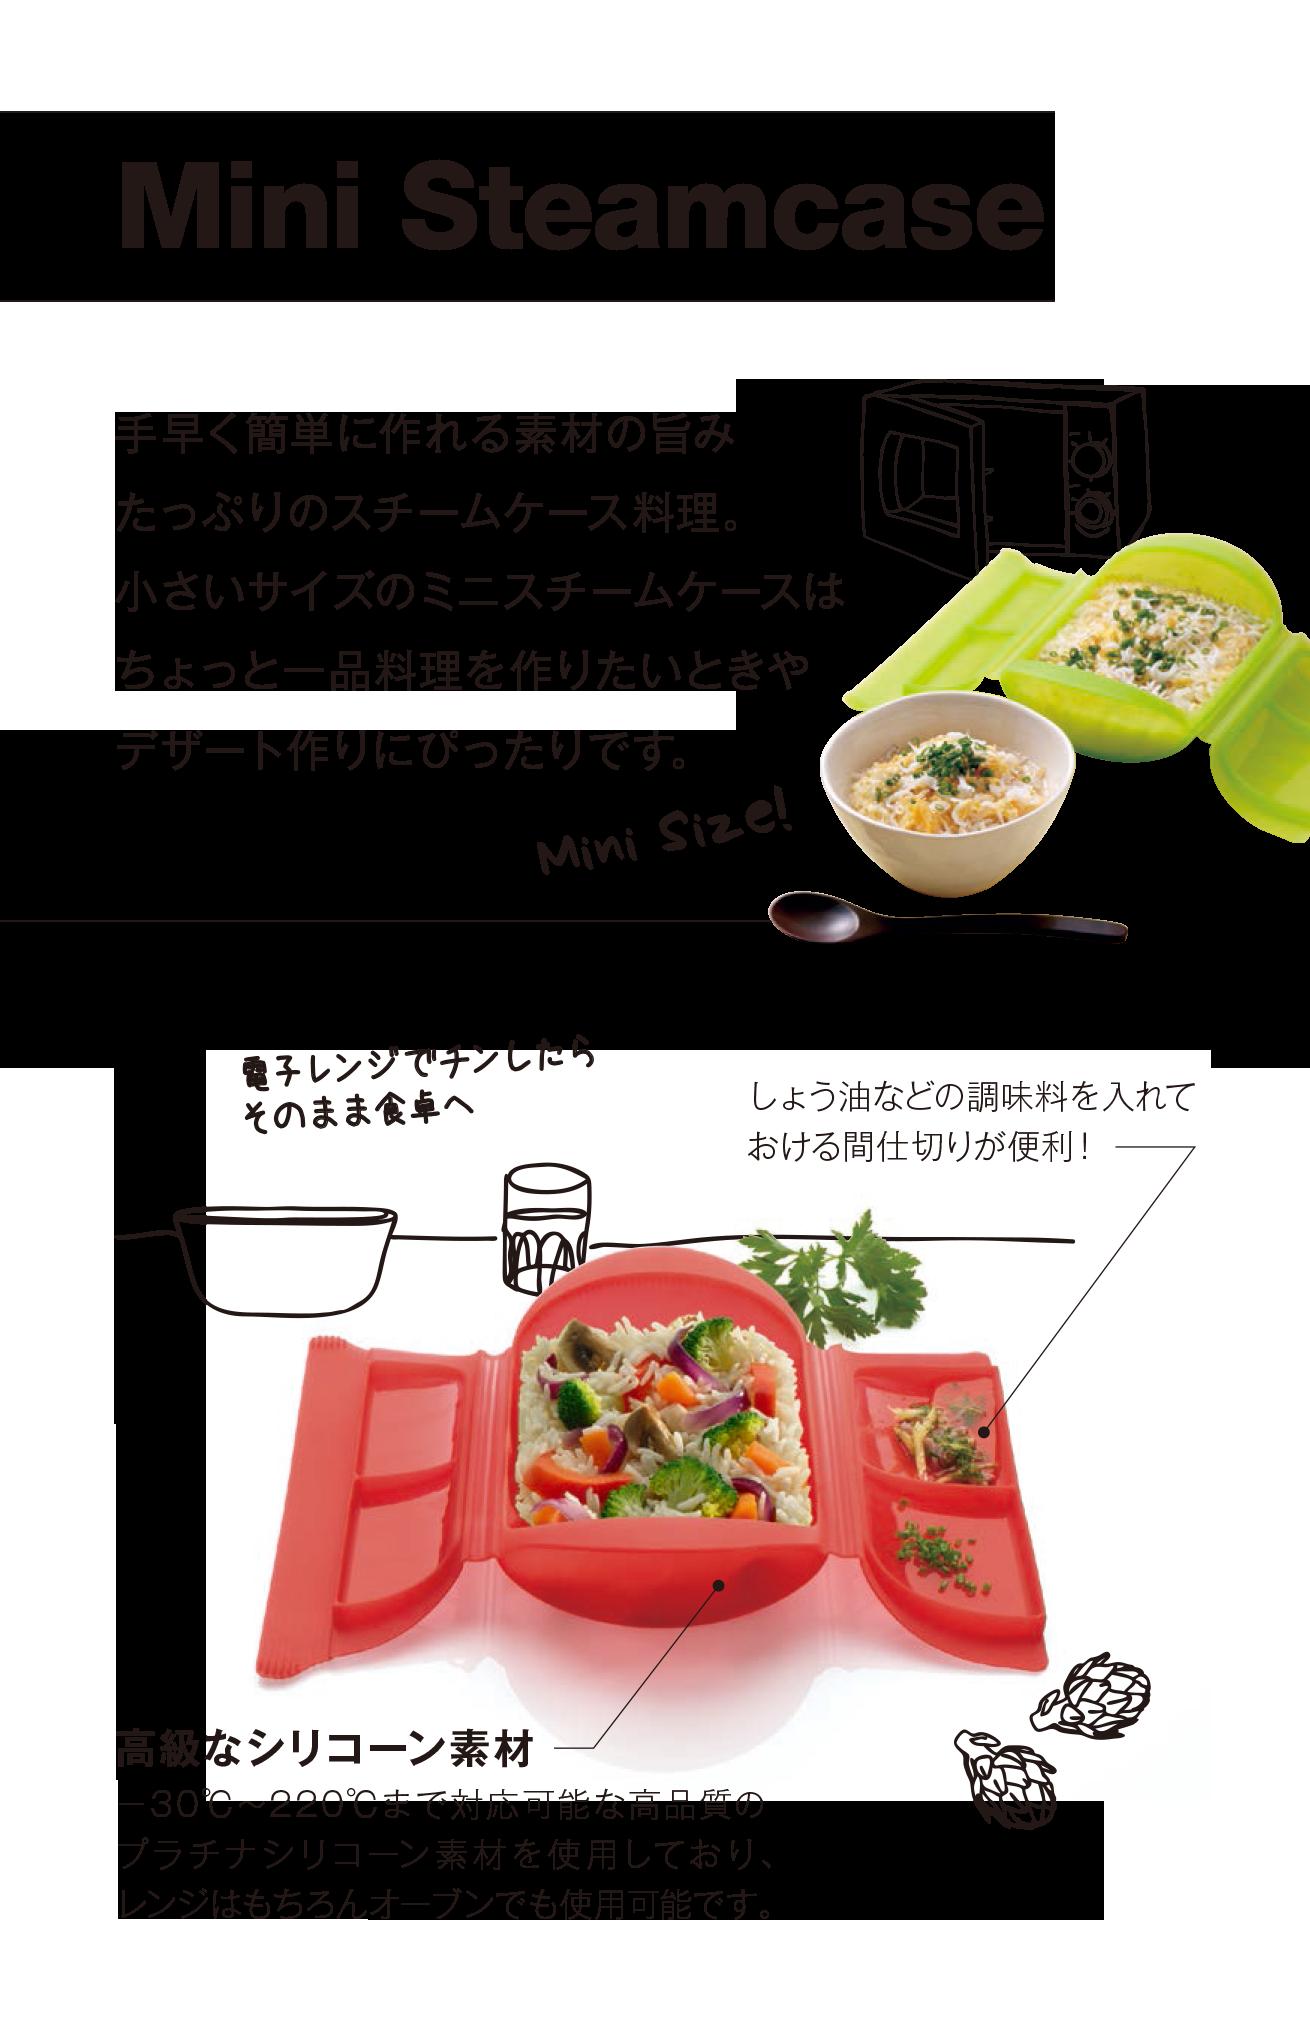 手早く簡単に作れる素材の旨み たっぷりのスチームケース料理。 小さいサイズのミニスチームケースは ちょっと一品料理を作りたいときや デザート作りにぴったりです。